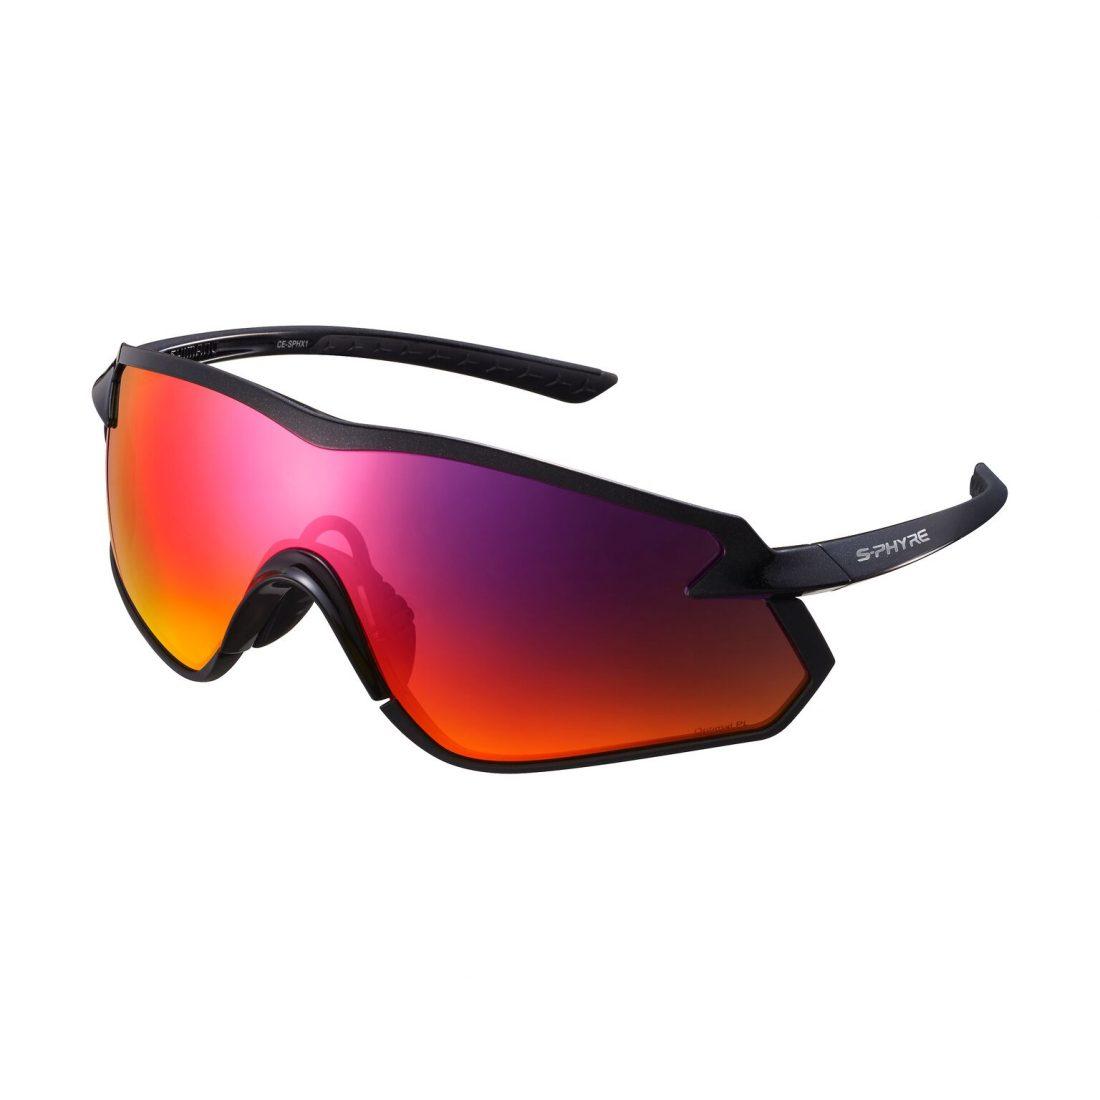 Il Team LottoNl-Jumbo dietro lo sviluppo dei nuovi occhiali Shimano S-PHYRE